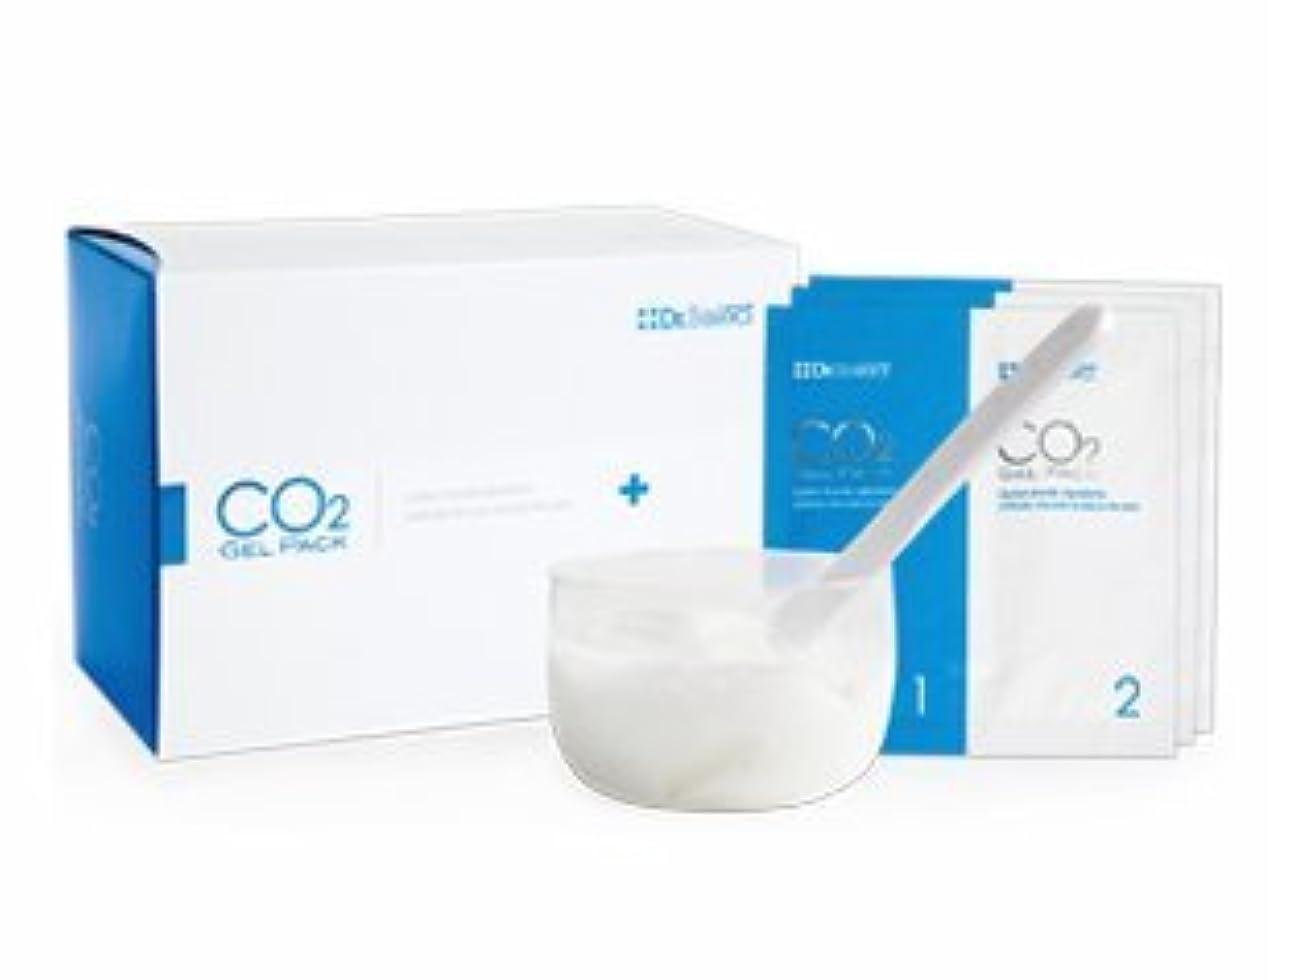 中央値書き出す法医学Dr.Select ドクターセレクト CO2ジェルパック 20回分セット